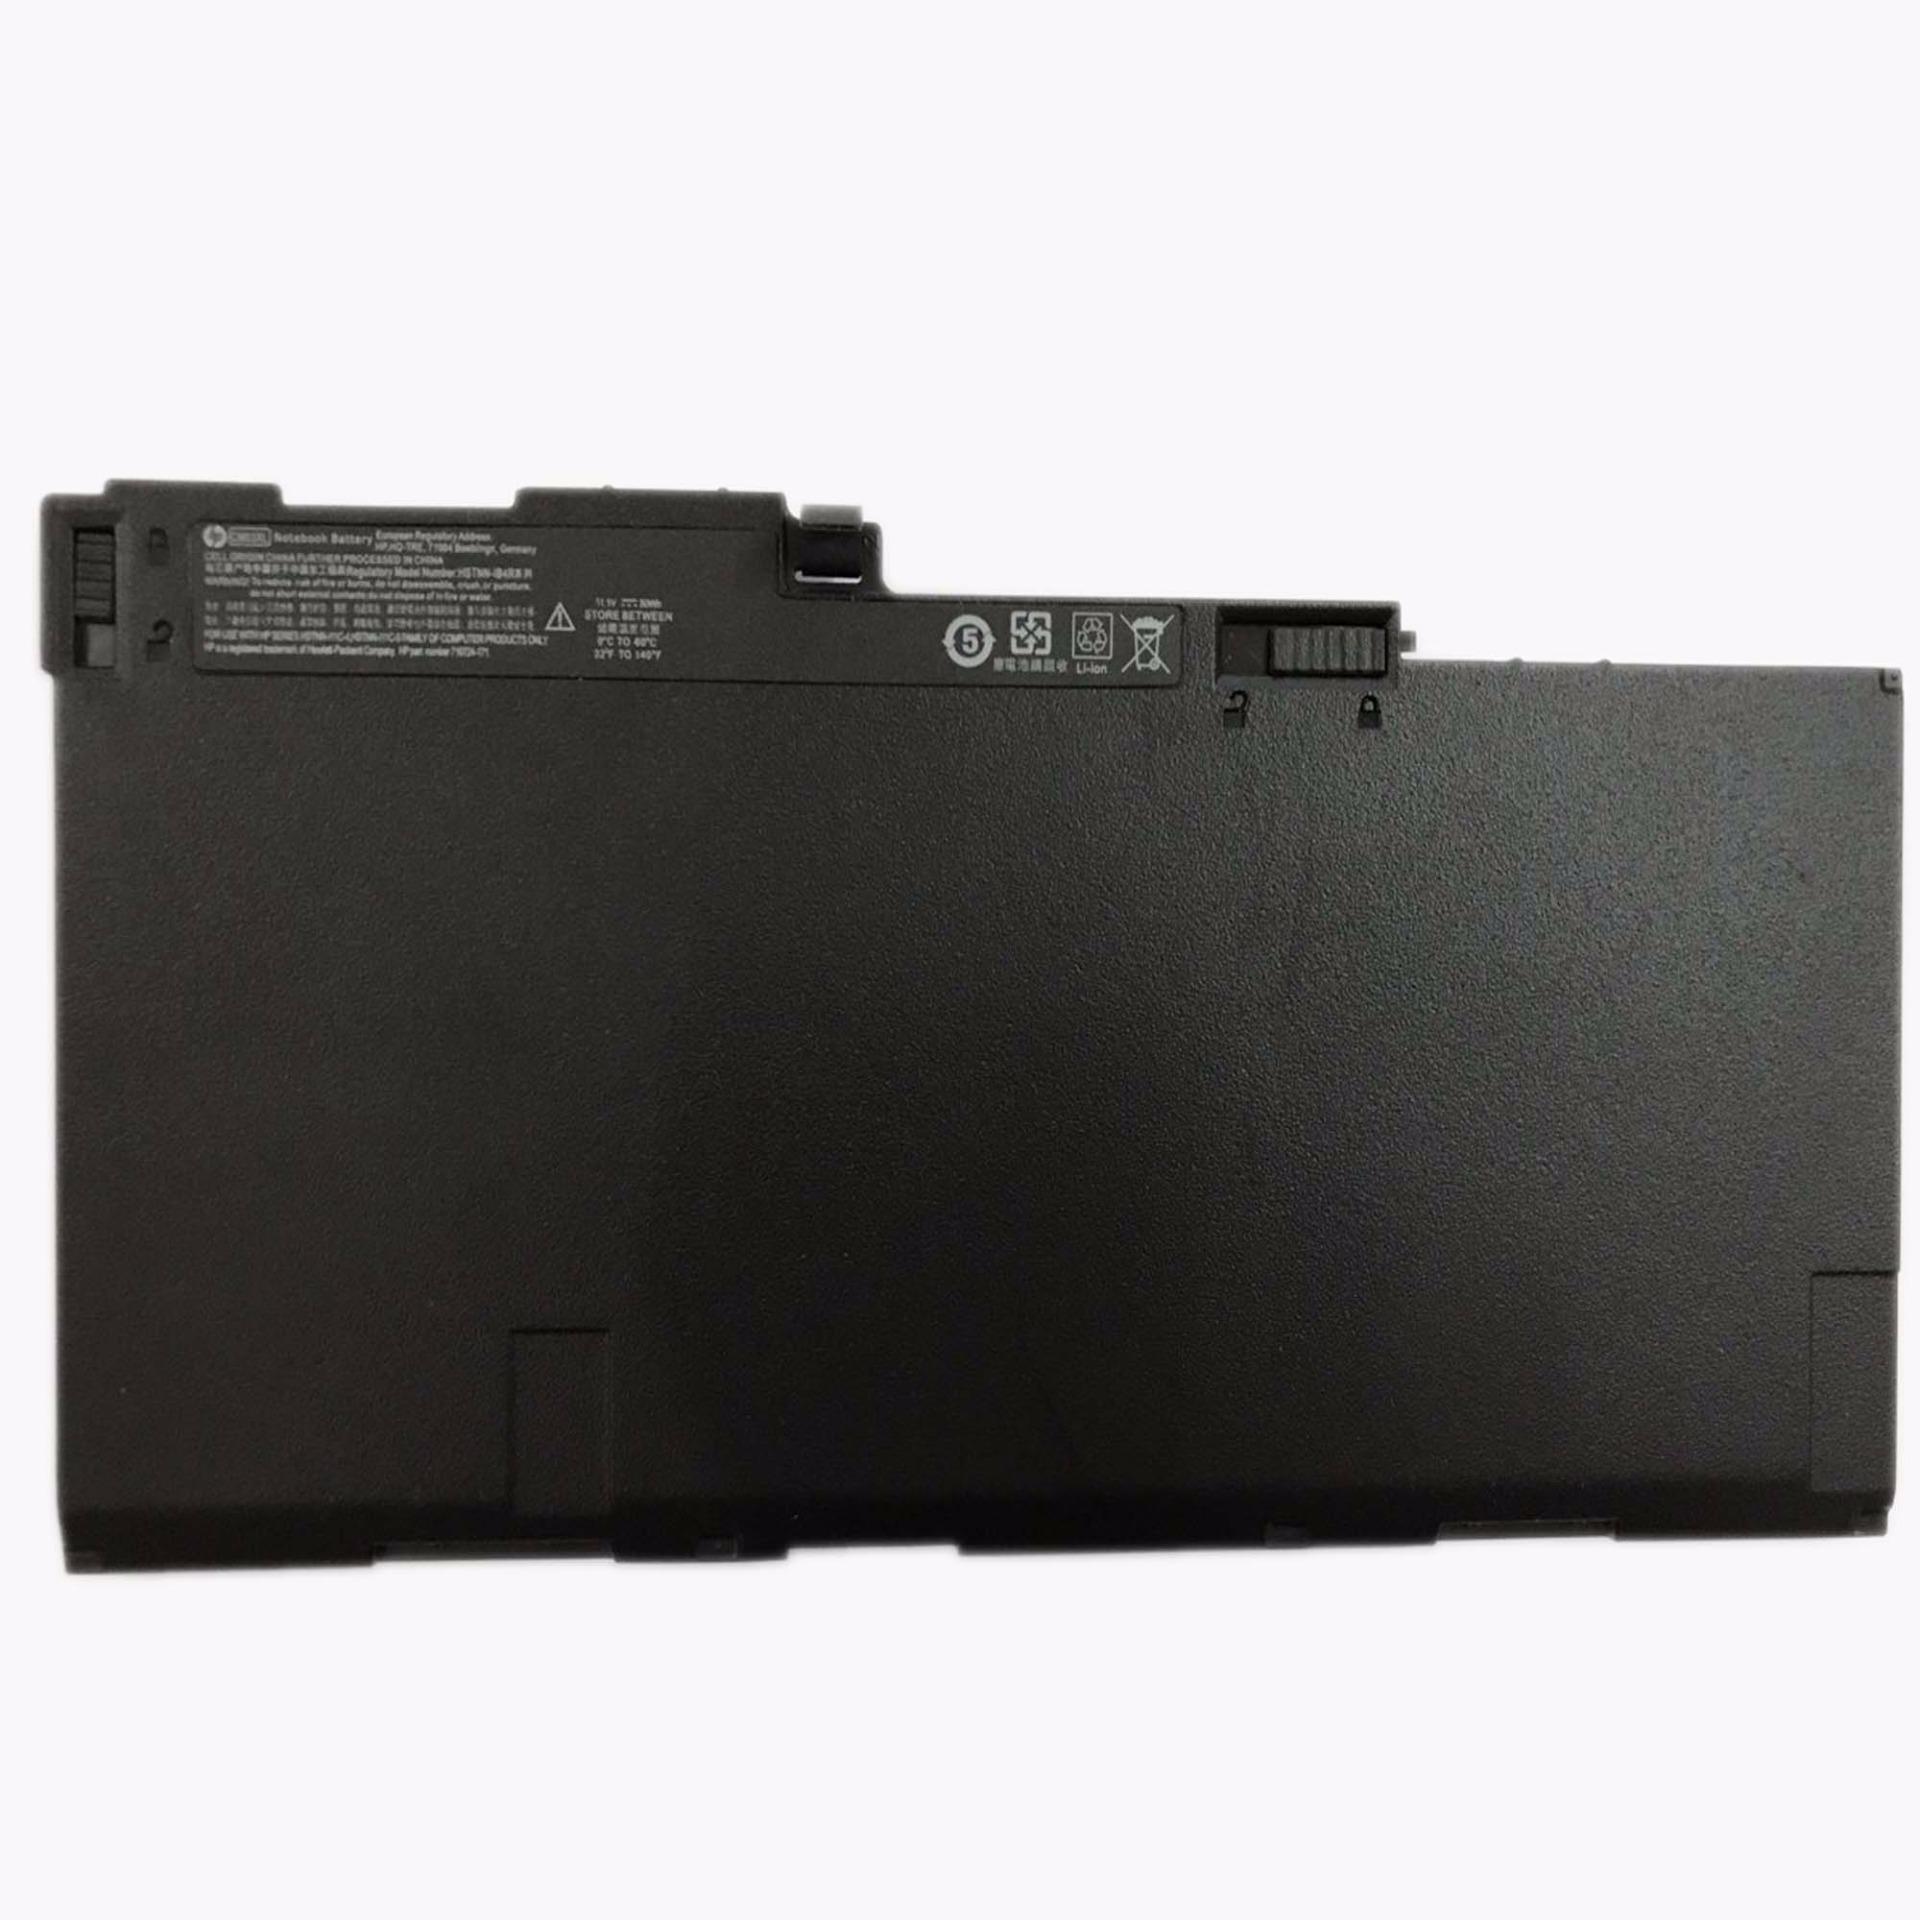 Pin Laptop HP EliteBook 840 G1, 840 G2, 850 G1, 850 G2 F2P20UT F2P22UT F2Q24UT CM03XL HSTNN-IB4R 717376-001 E7U24AA CM03XL...